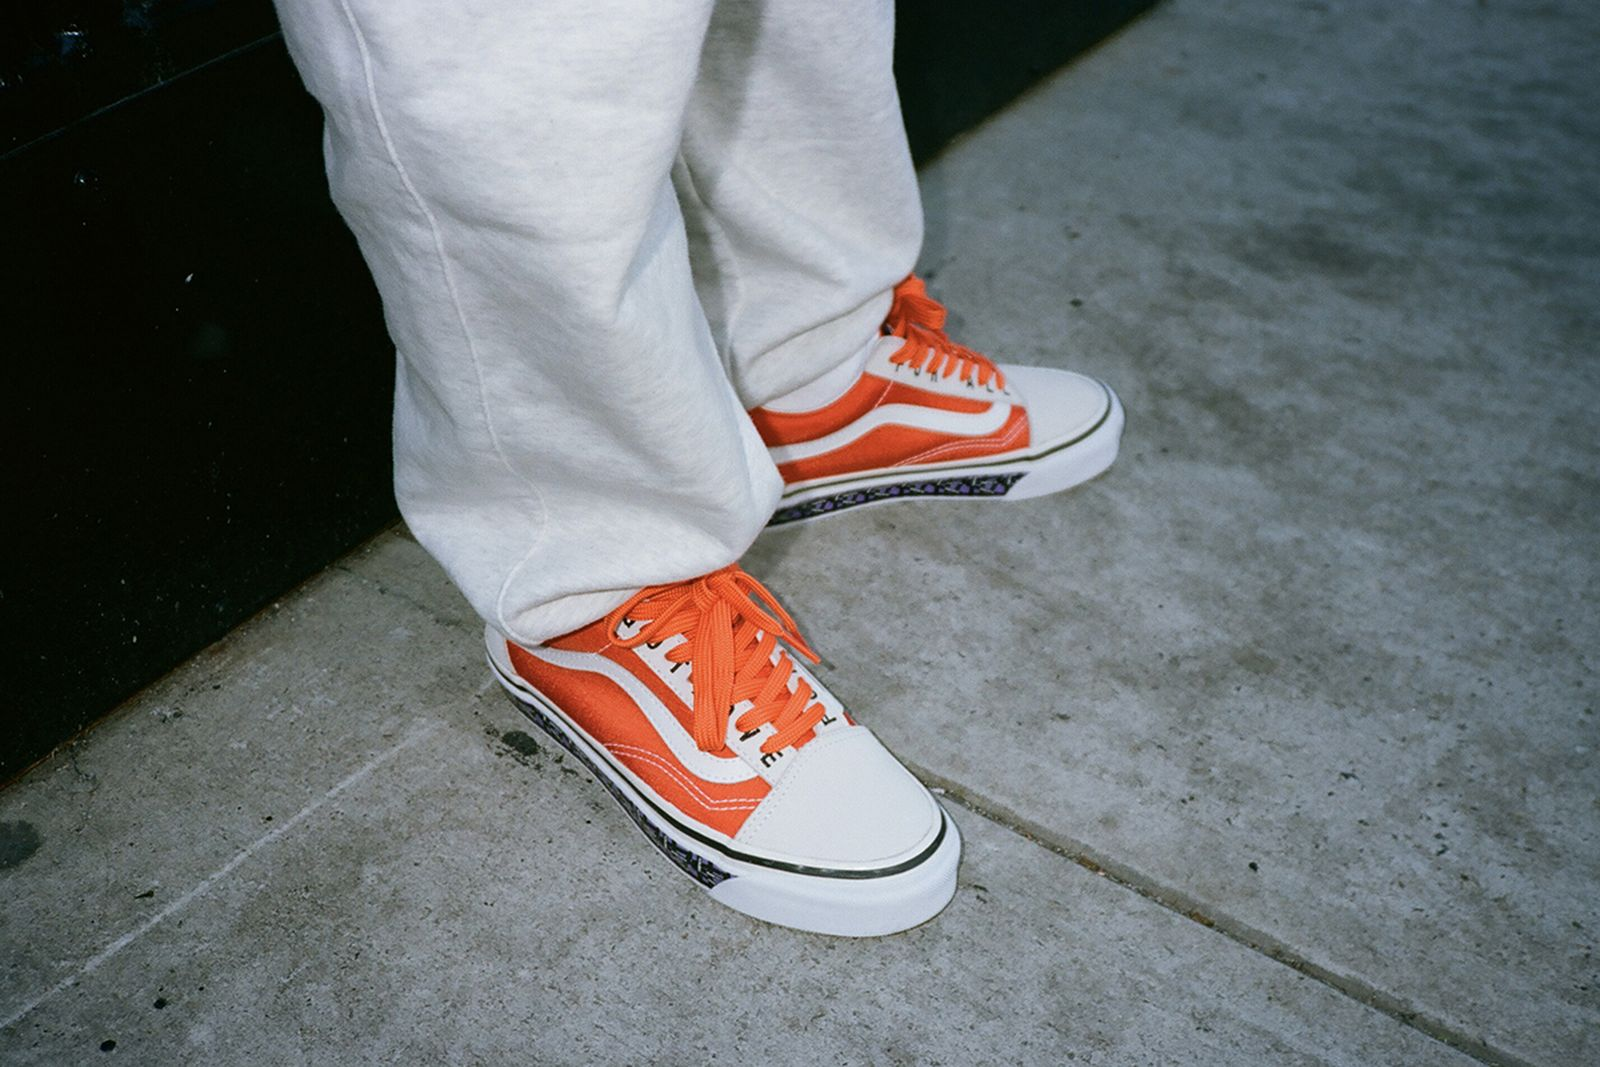 Patta x Vans Old Skool orange